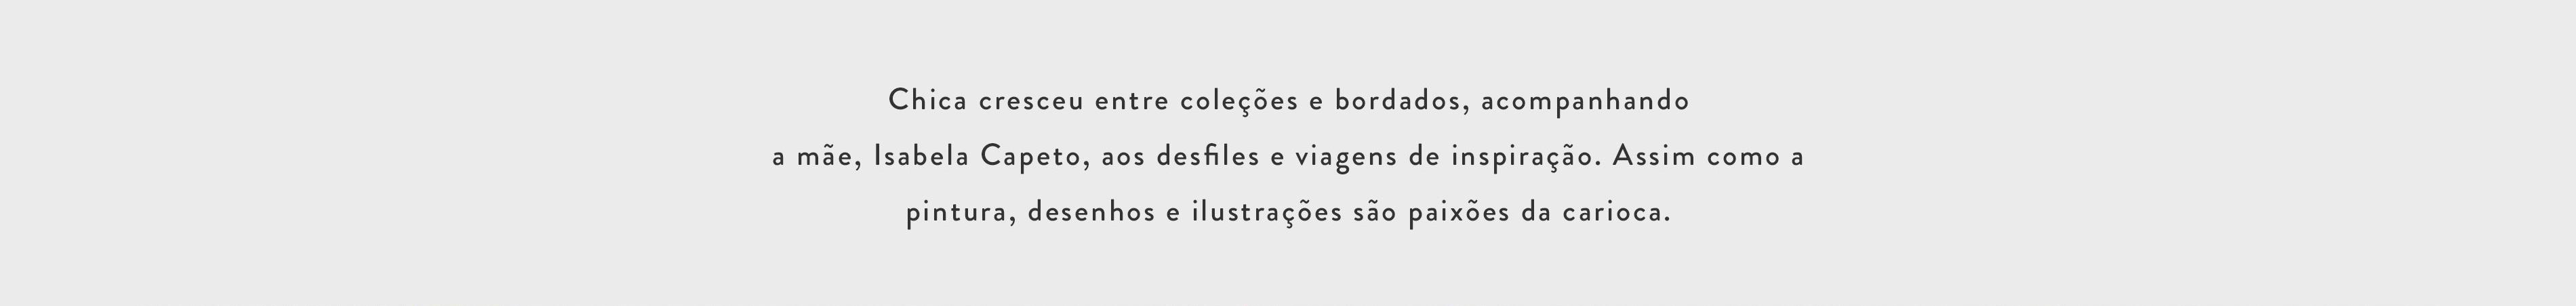 Chica cresceu entre coleções e bordados, acompanhando a mãe, Isabela Capeto, aos desfiles e viagens de inspiração. Assim como a pintura, desenho e ilustrações são paixões da carioca.